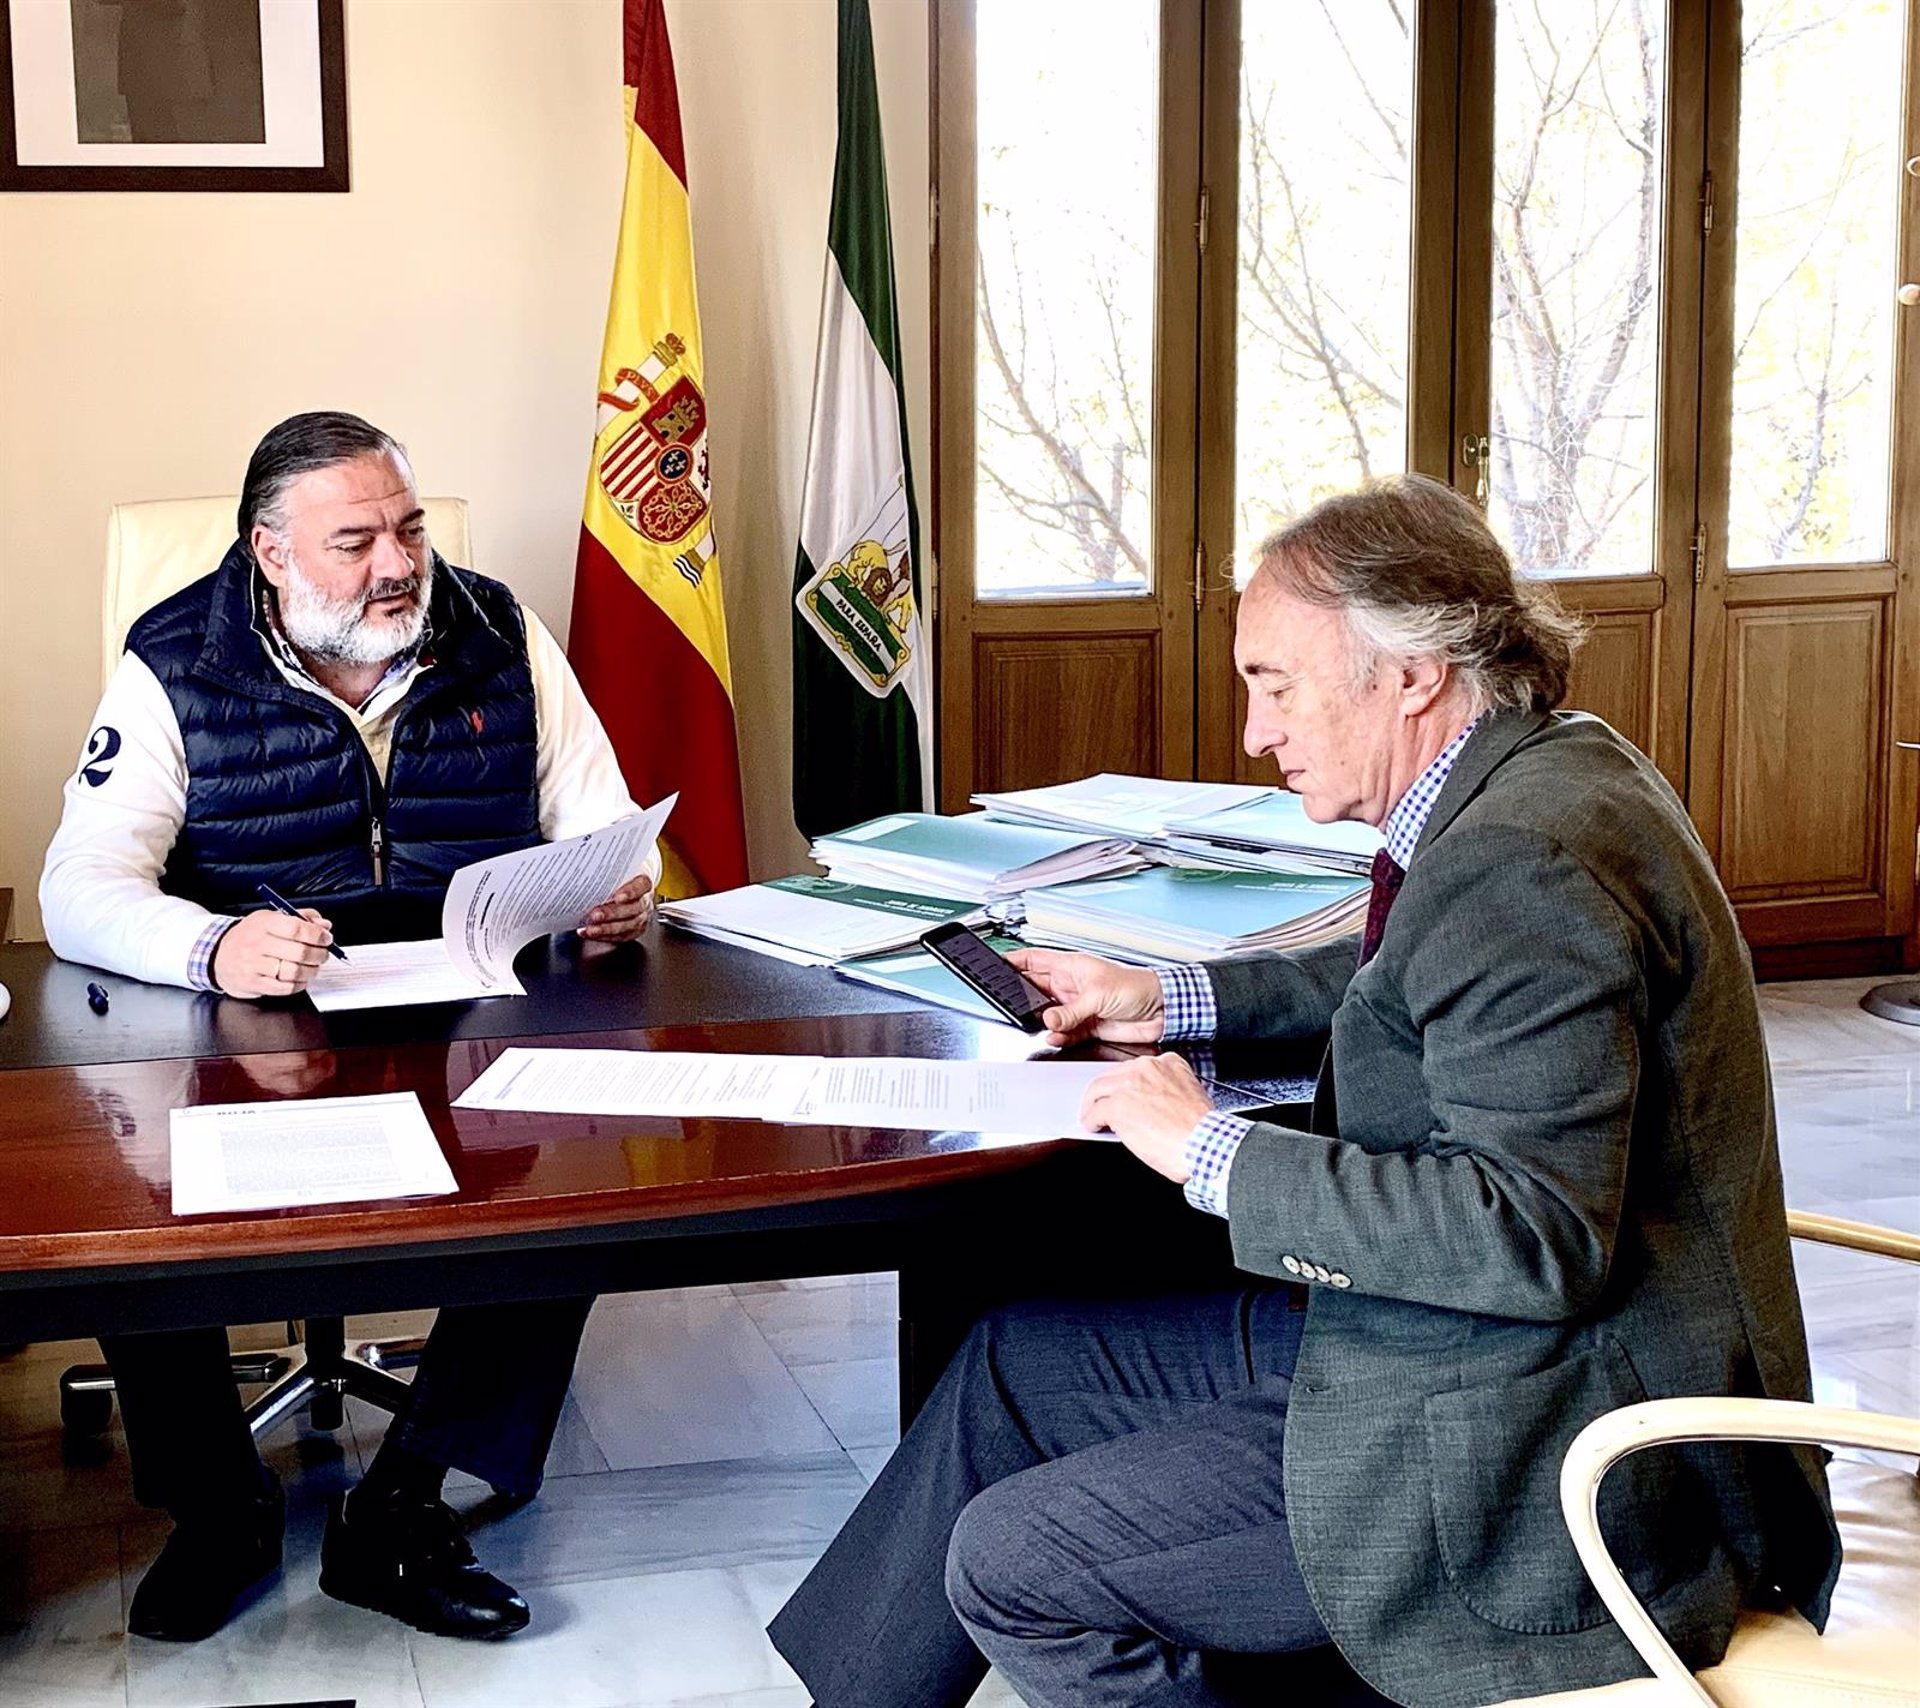 Pablo García defiende las medidas ante una tasa juvenil de 2.700 contagios por 100.000 habitantes